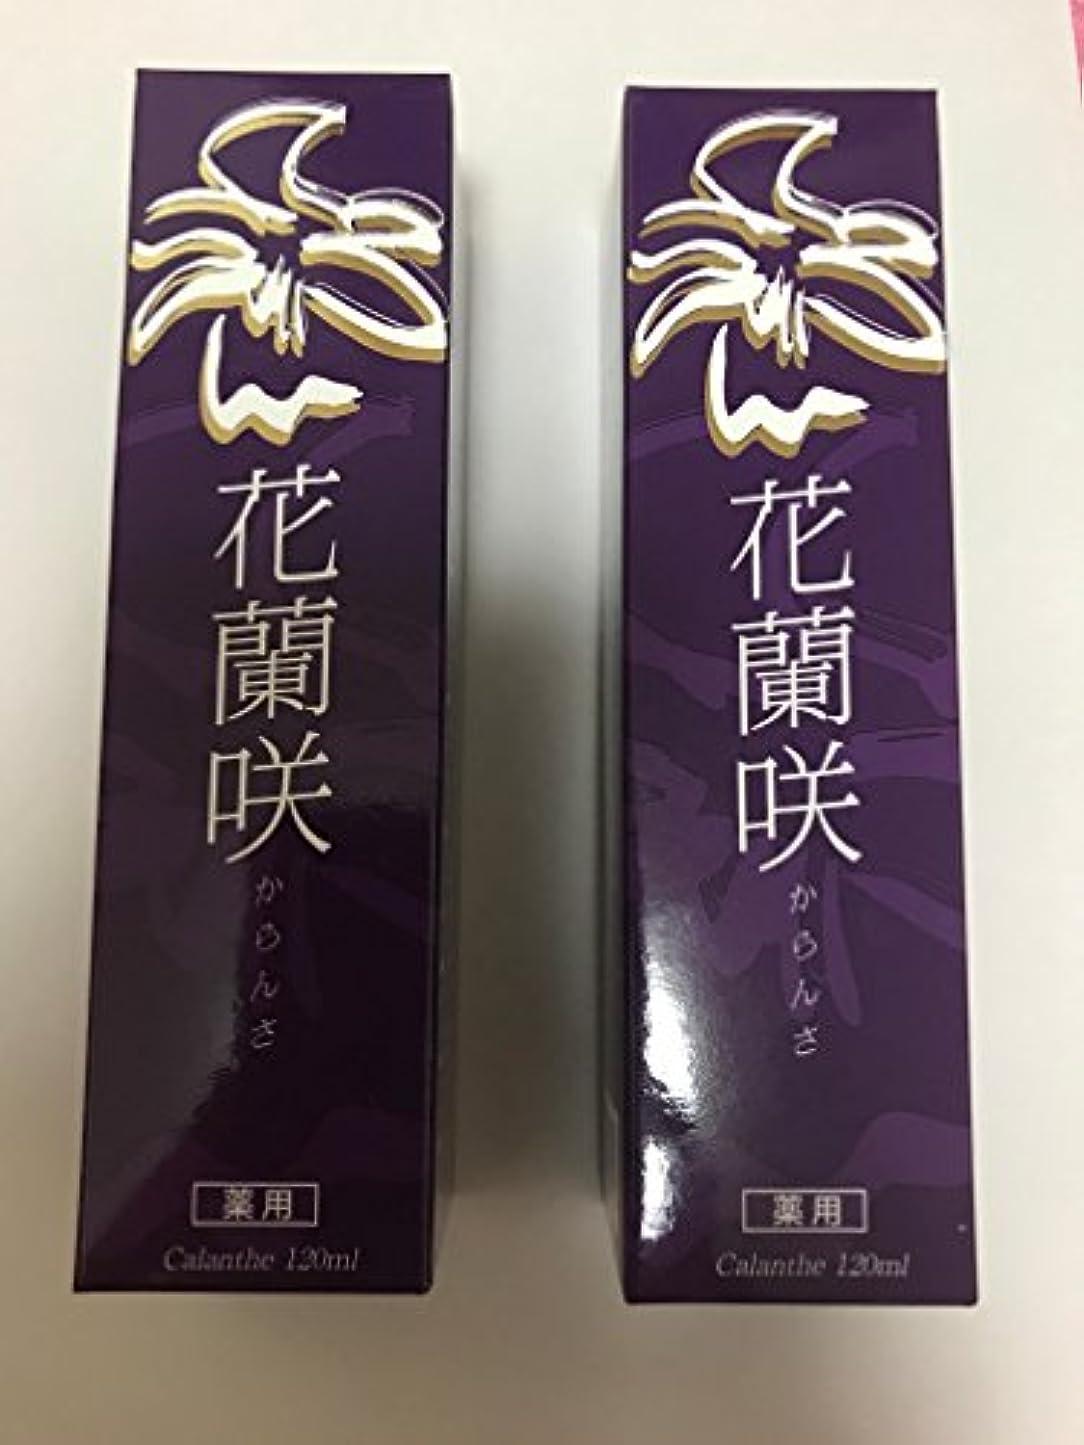 作者機関ワーディアンケース【2本セット】花蘭咲 120ml マイケア 医薬部外品